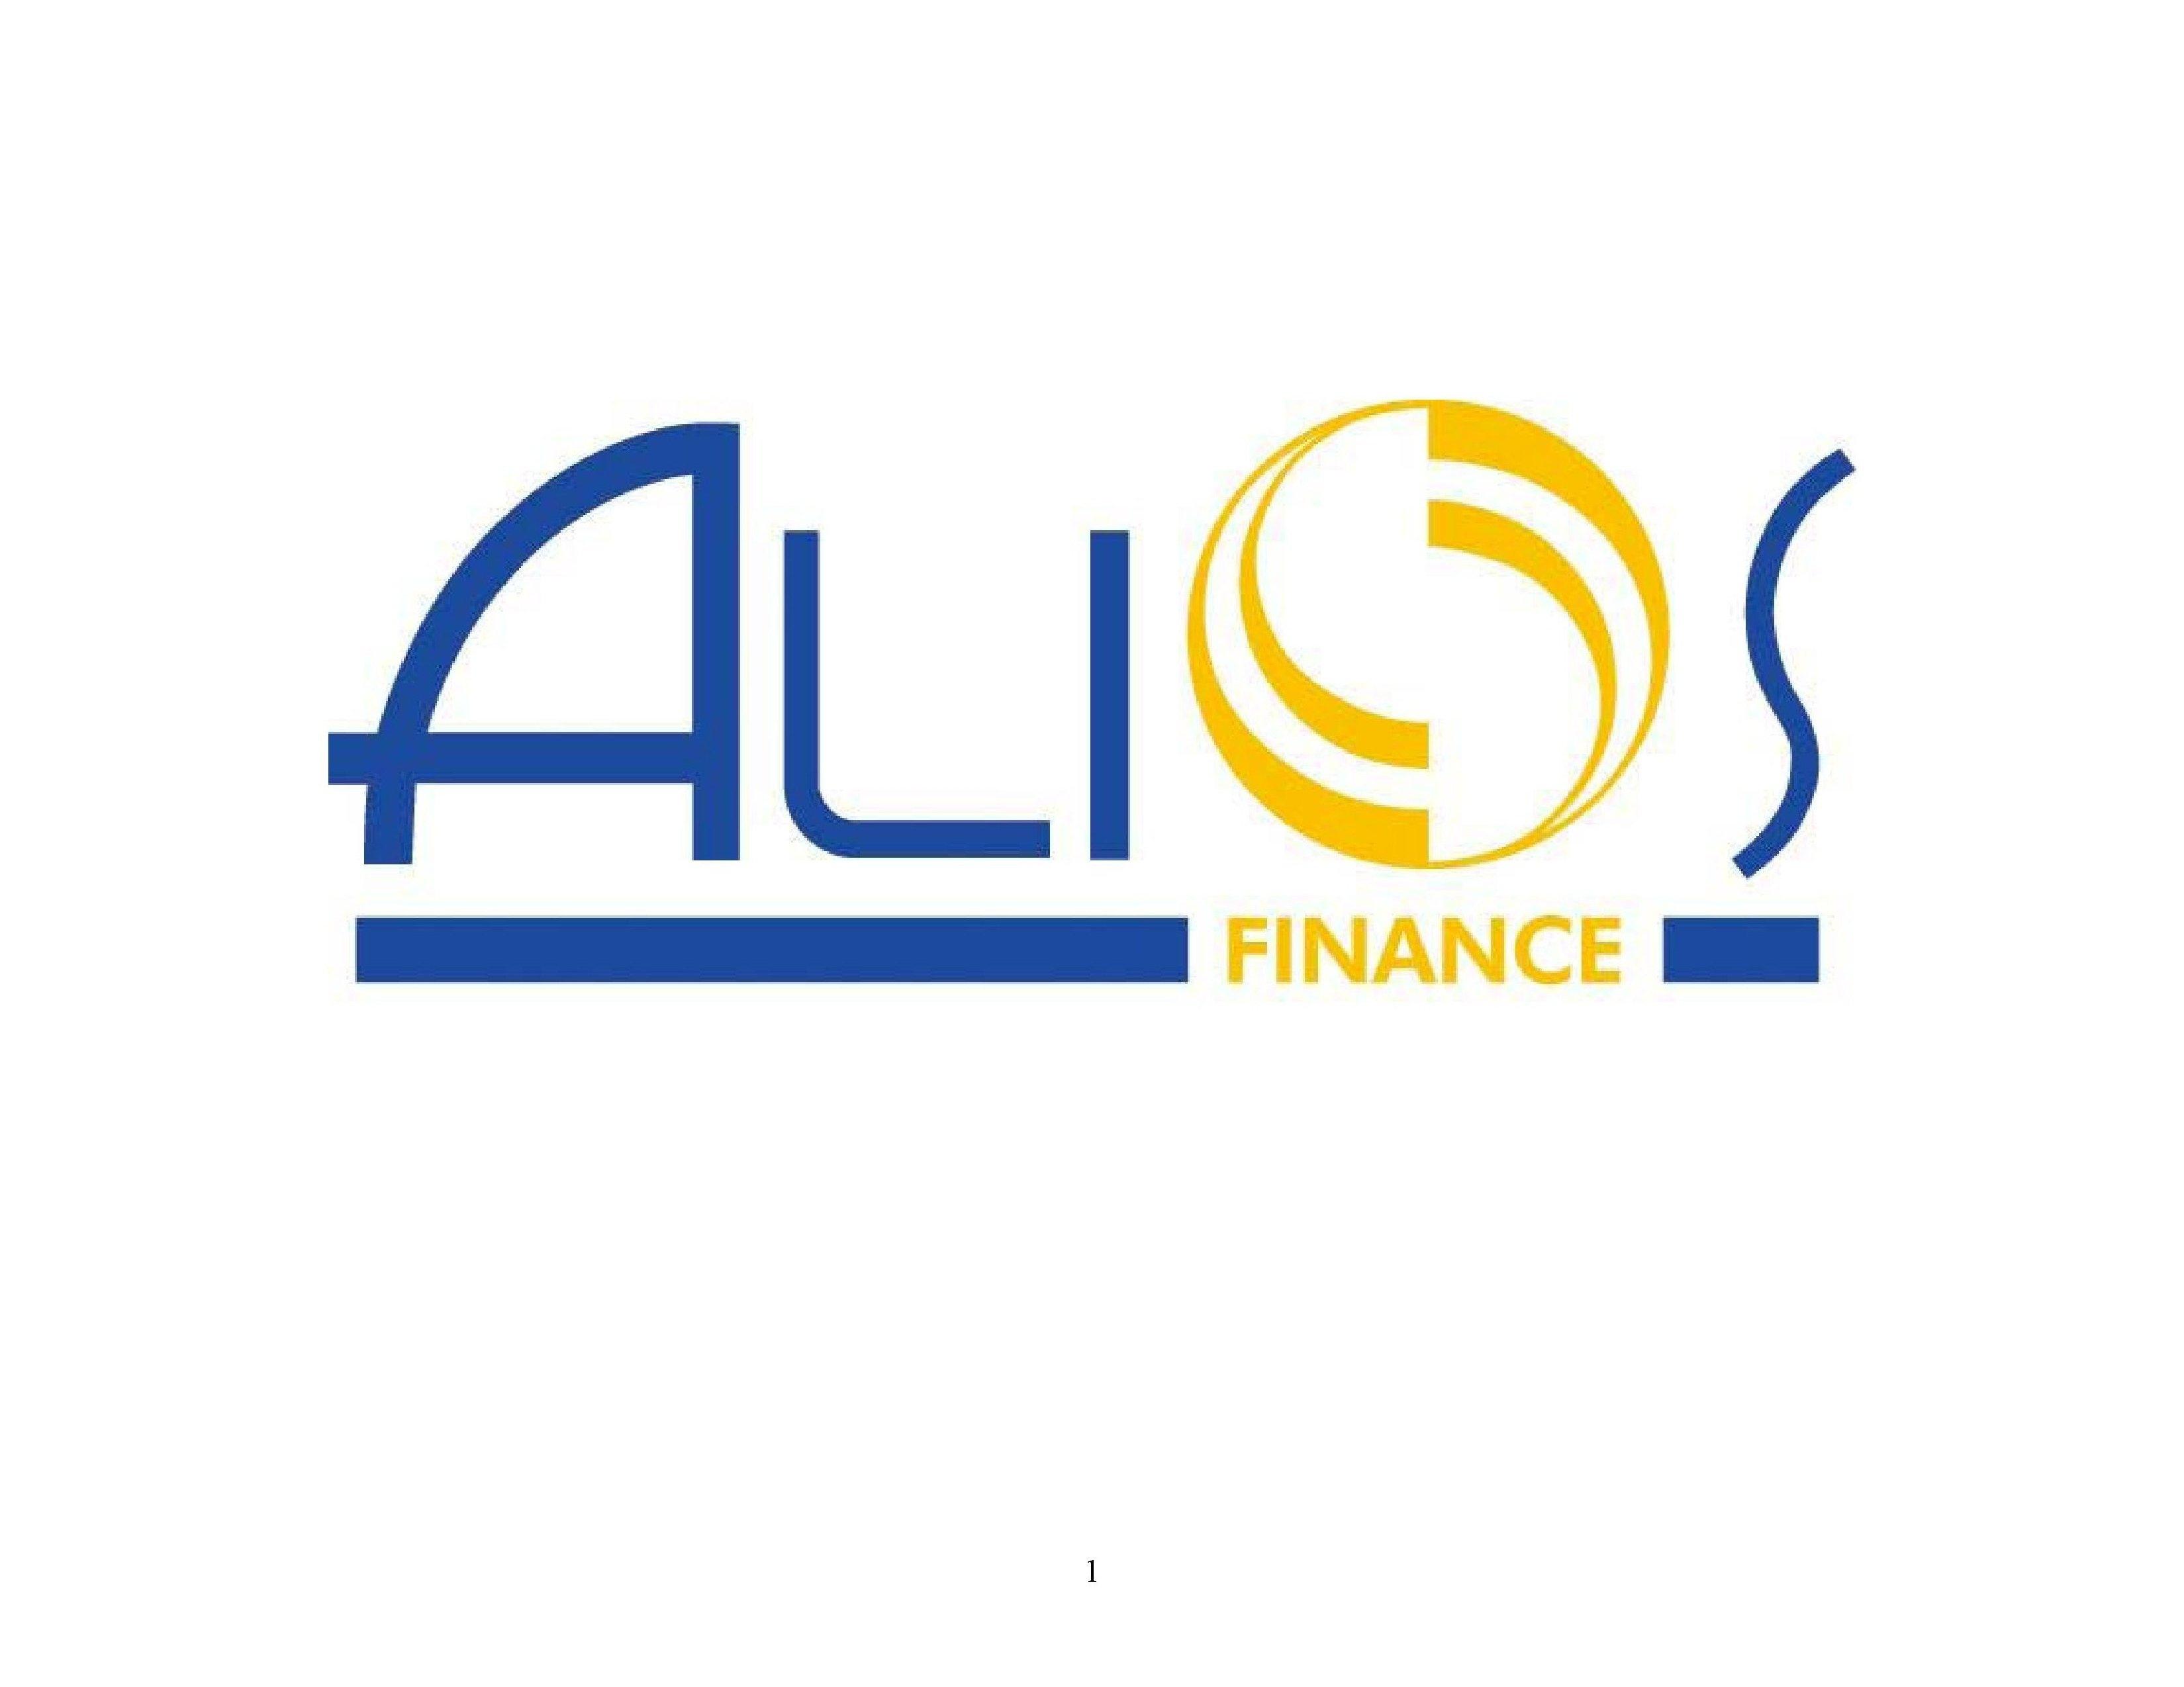 Résultats à mi parcours: La société Alios Finance Côte d'Ivoire réalise un chiffre d'affaires de 15,9 milliards FCFA en juin 2014